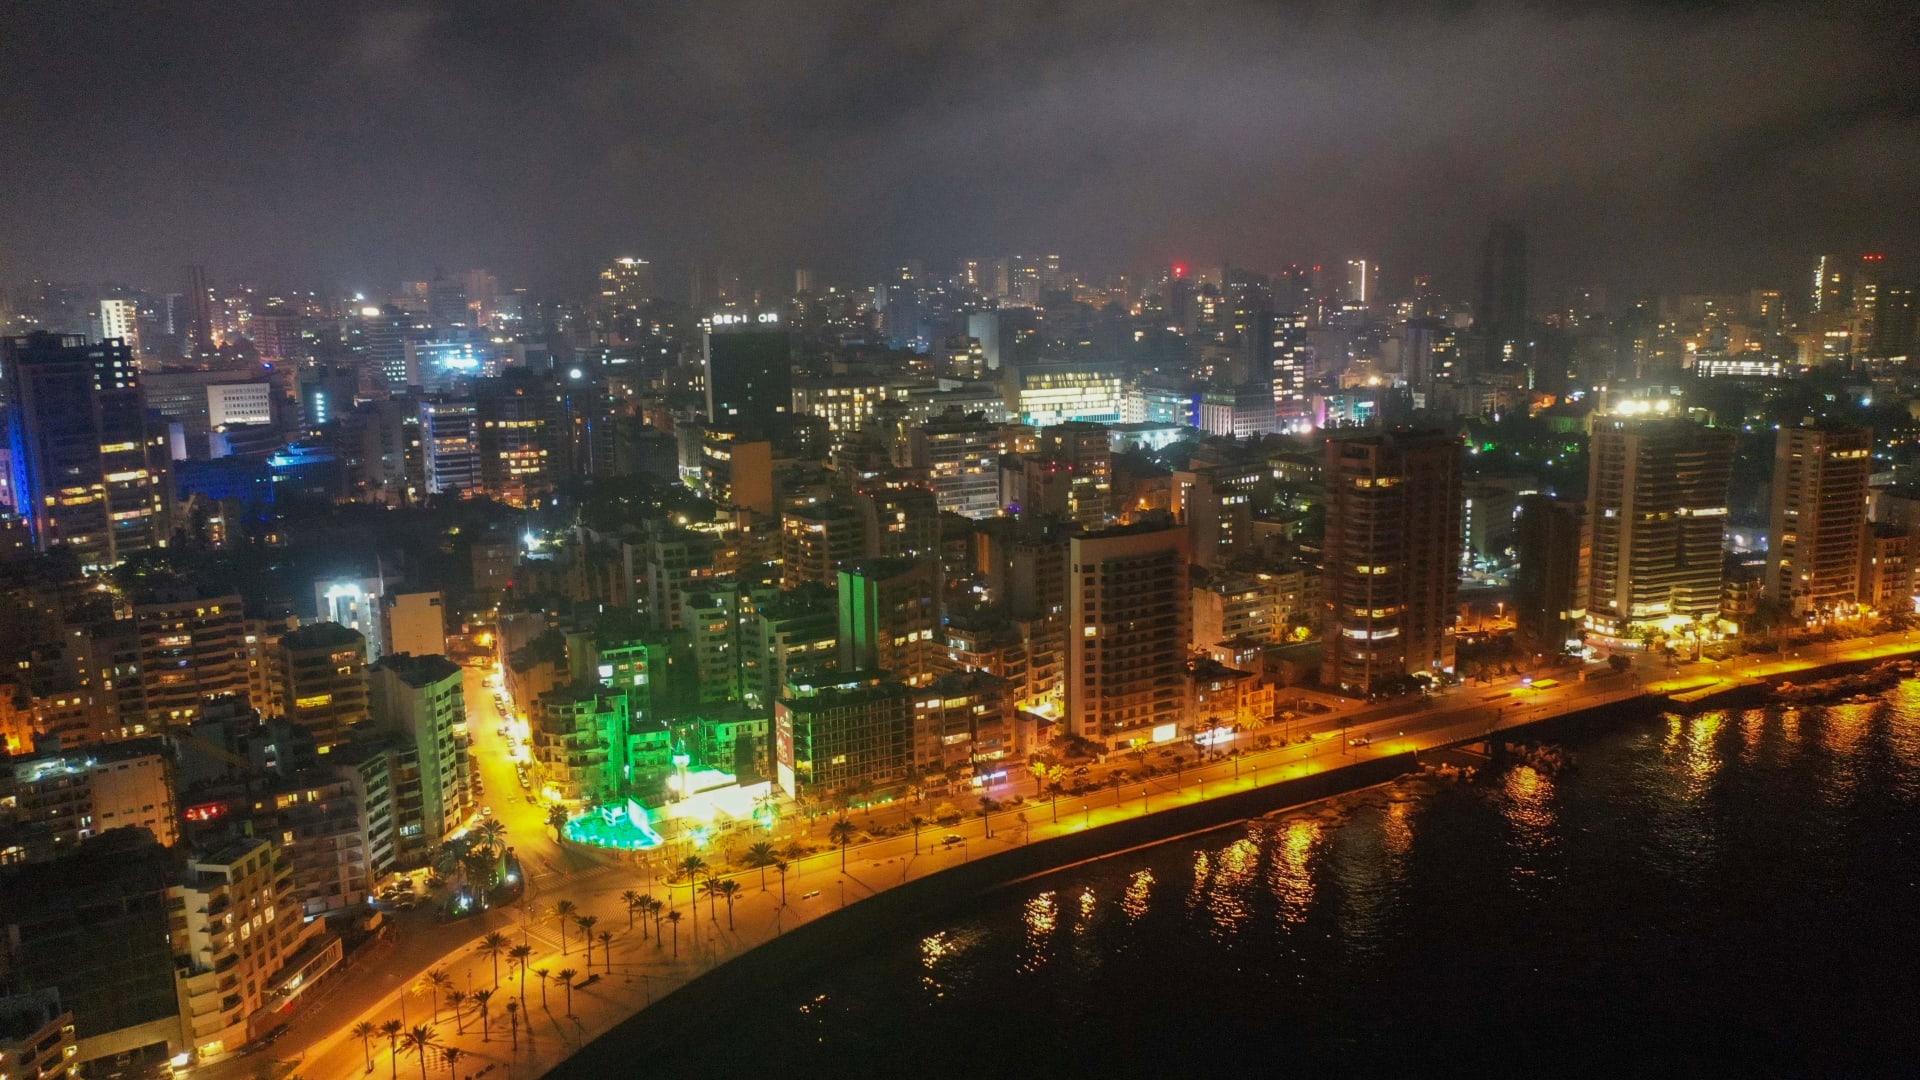 ناصر سعيدي لـCNN: لبنان سيتجه للهاوية إذا لم يجر السياسيون إصلاحات خلال 90 يوماً